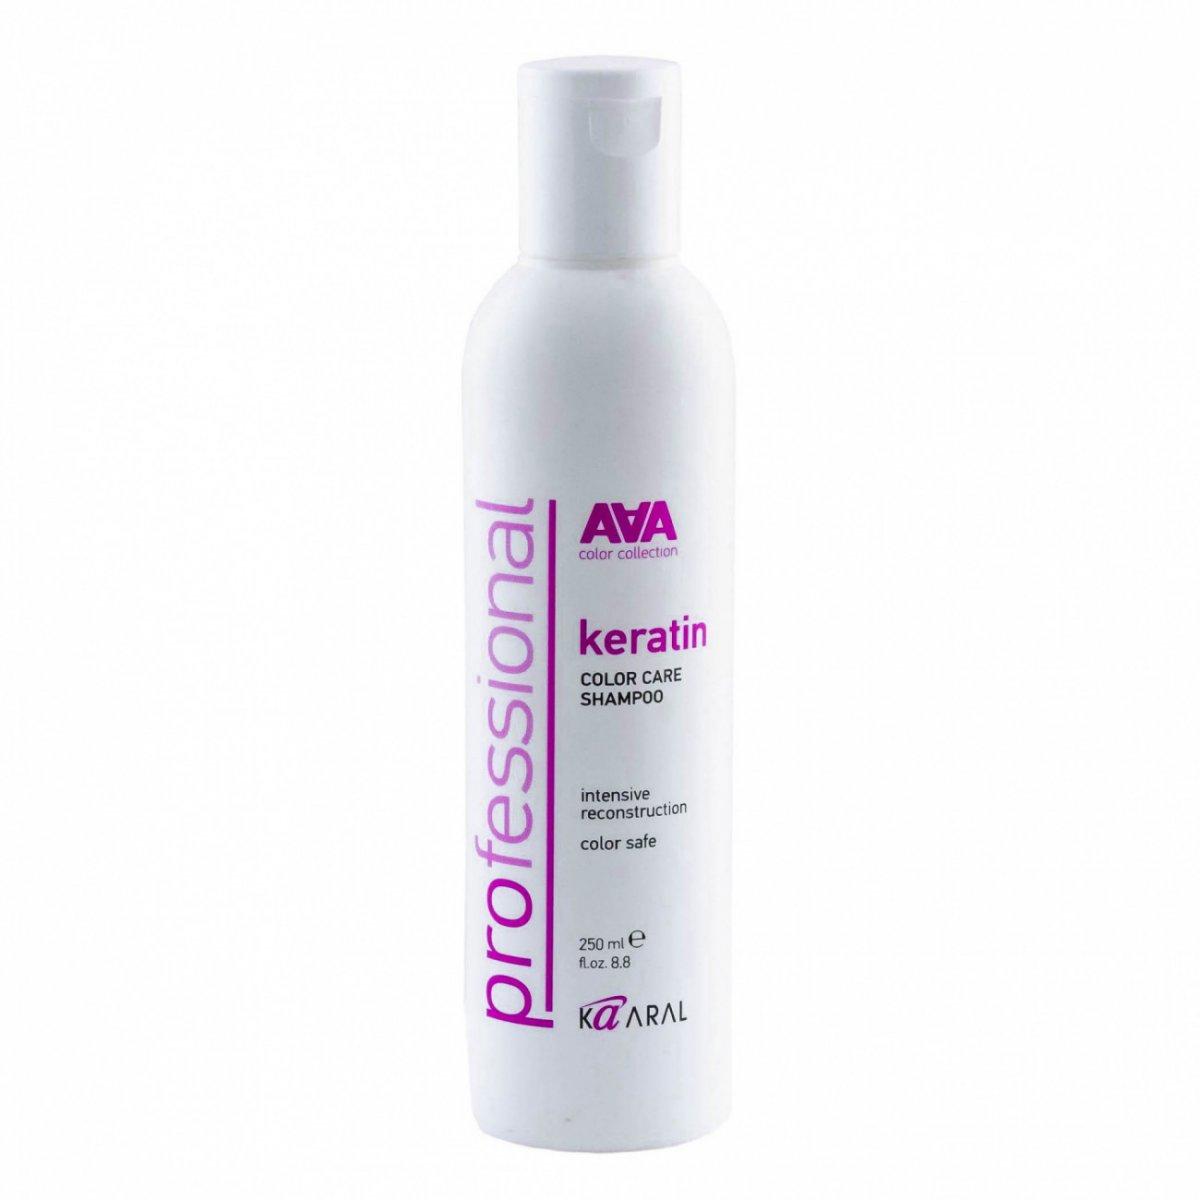 Фото - Kaaral AAA Keratin Color Care Shampoo - Кератиновый шампунь для окрашенных и химически обработанных волос 250 мл шампунь для волос кератиновый kaaral keratin color care 250 мл окрашенных и химически обработанных